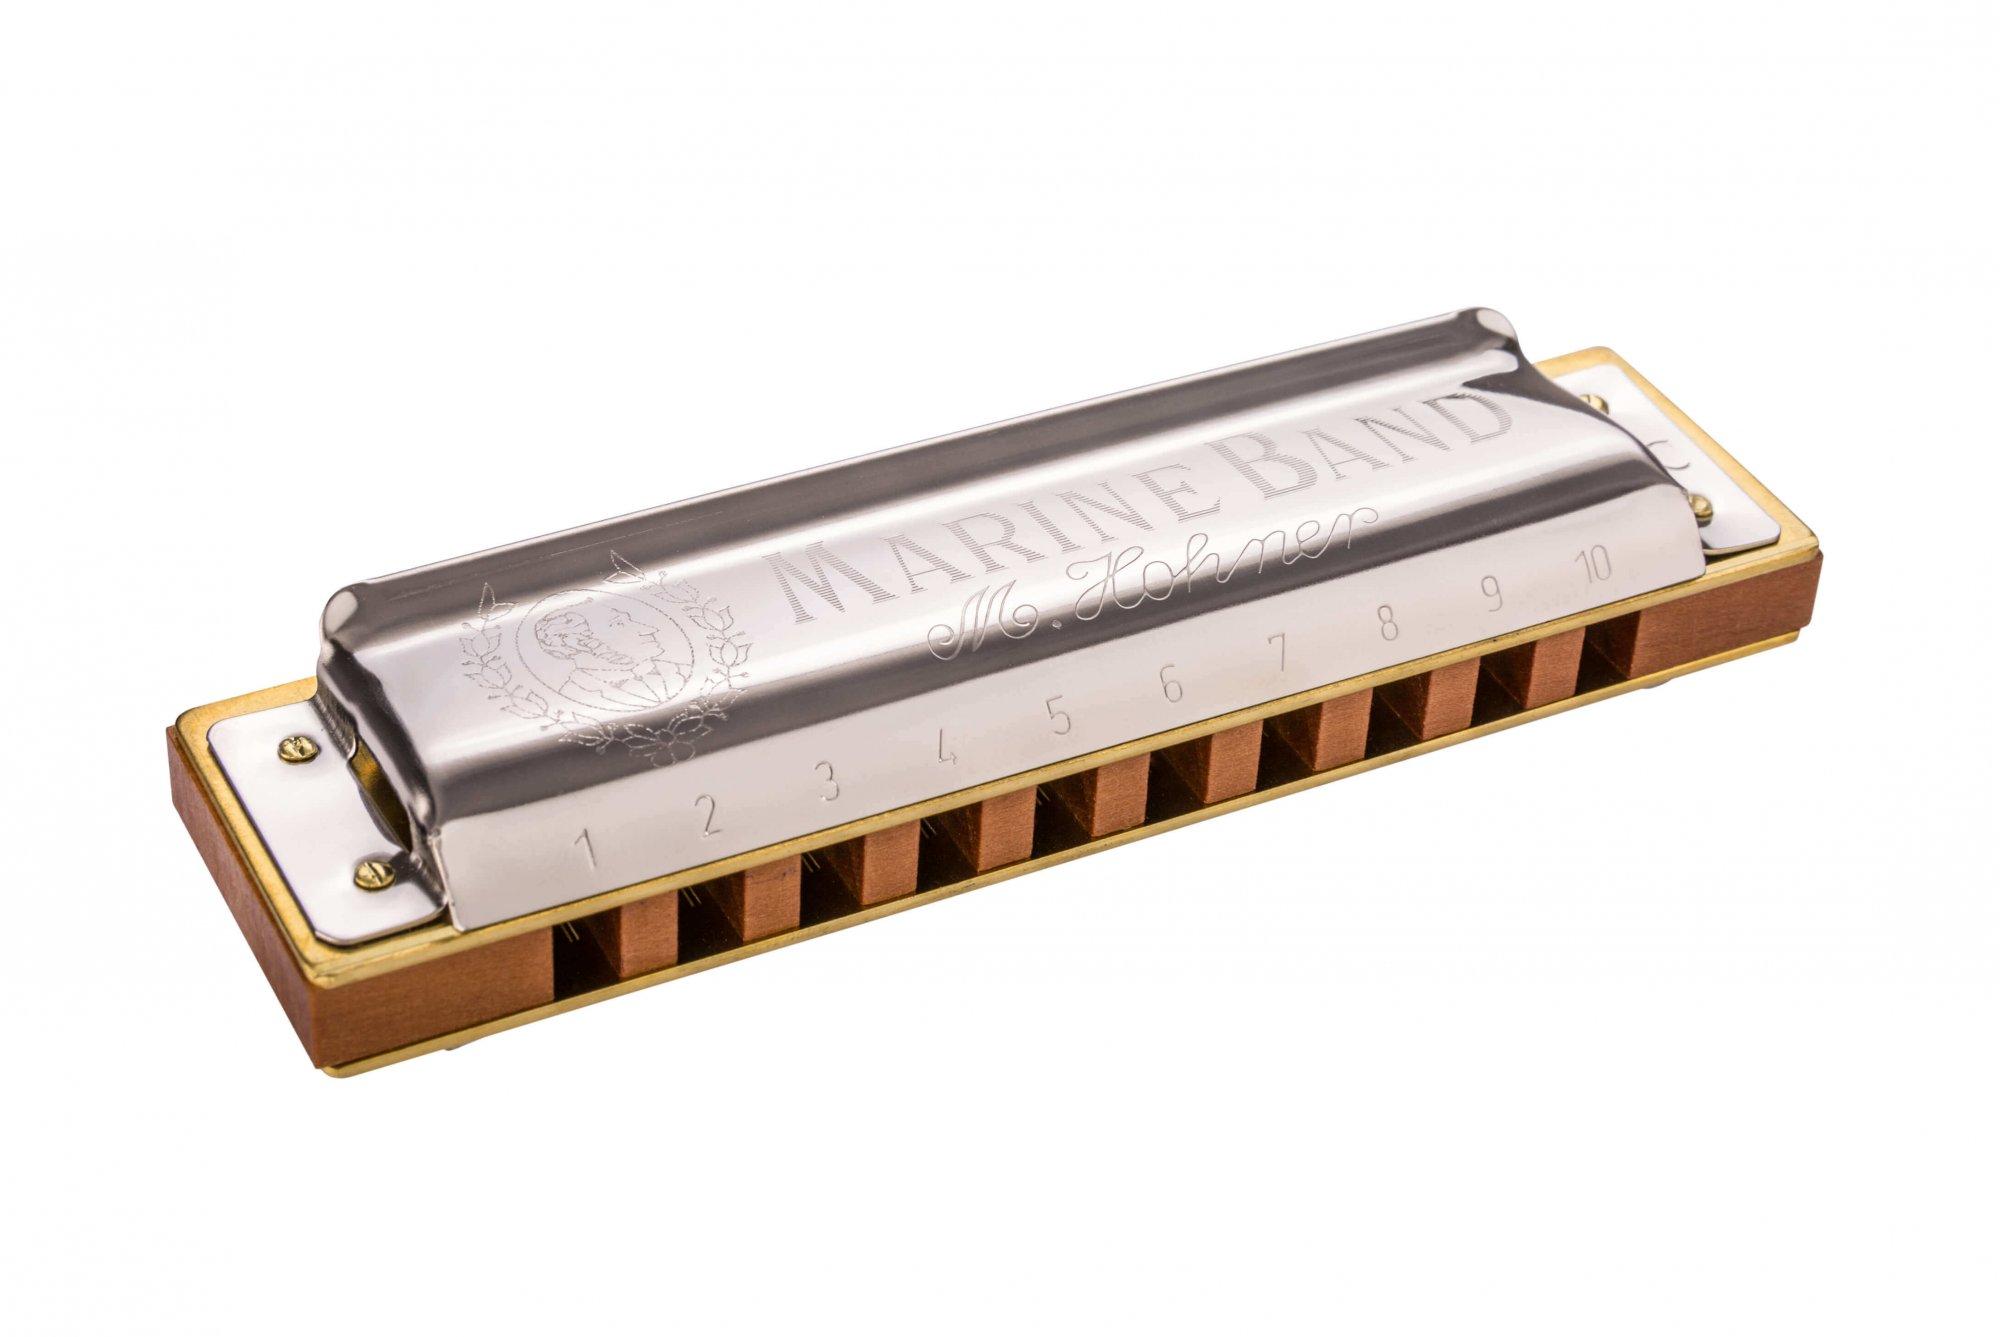 Hohner Marine Band Harmonica in B